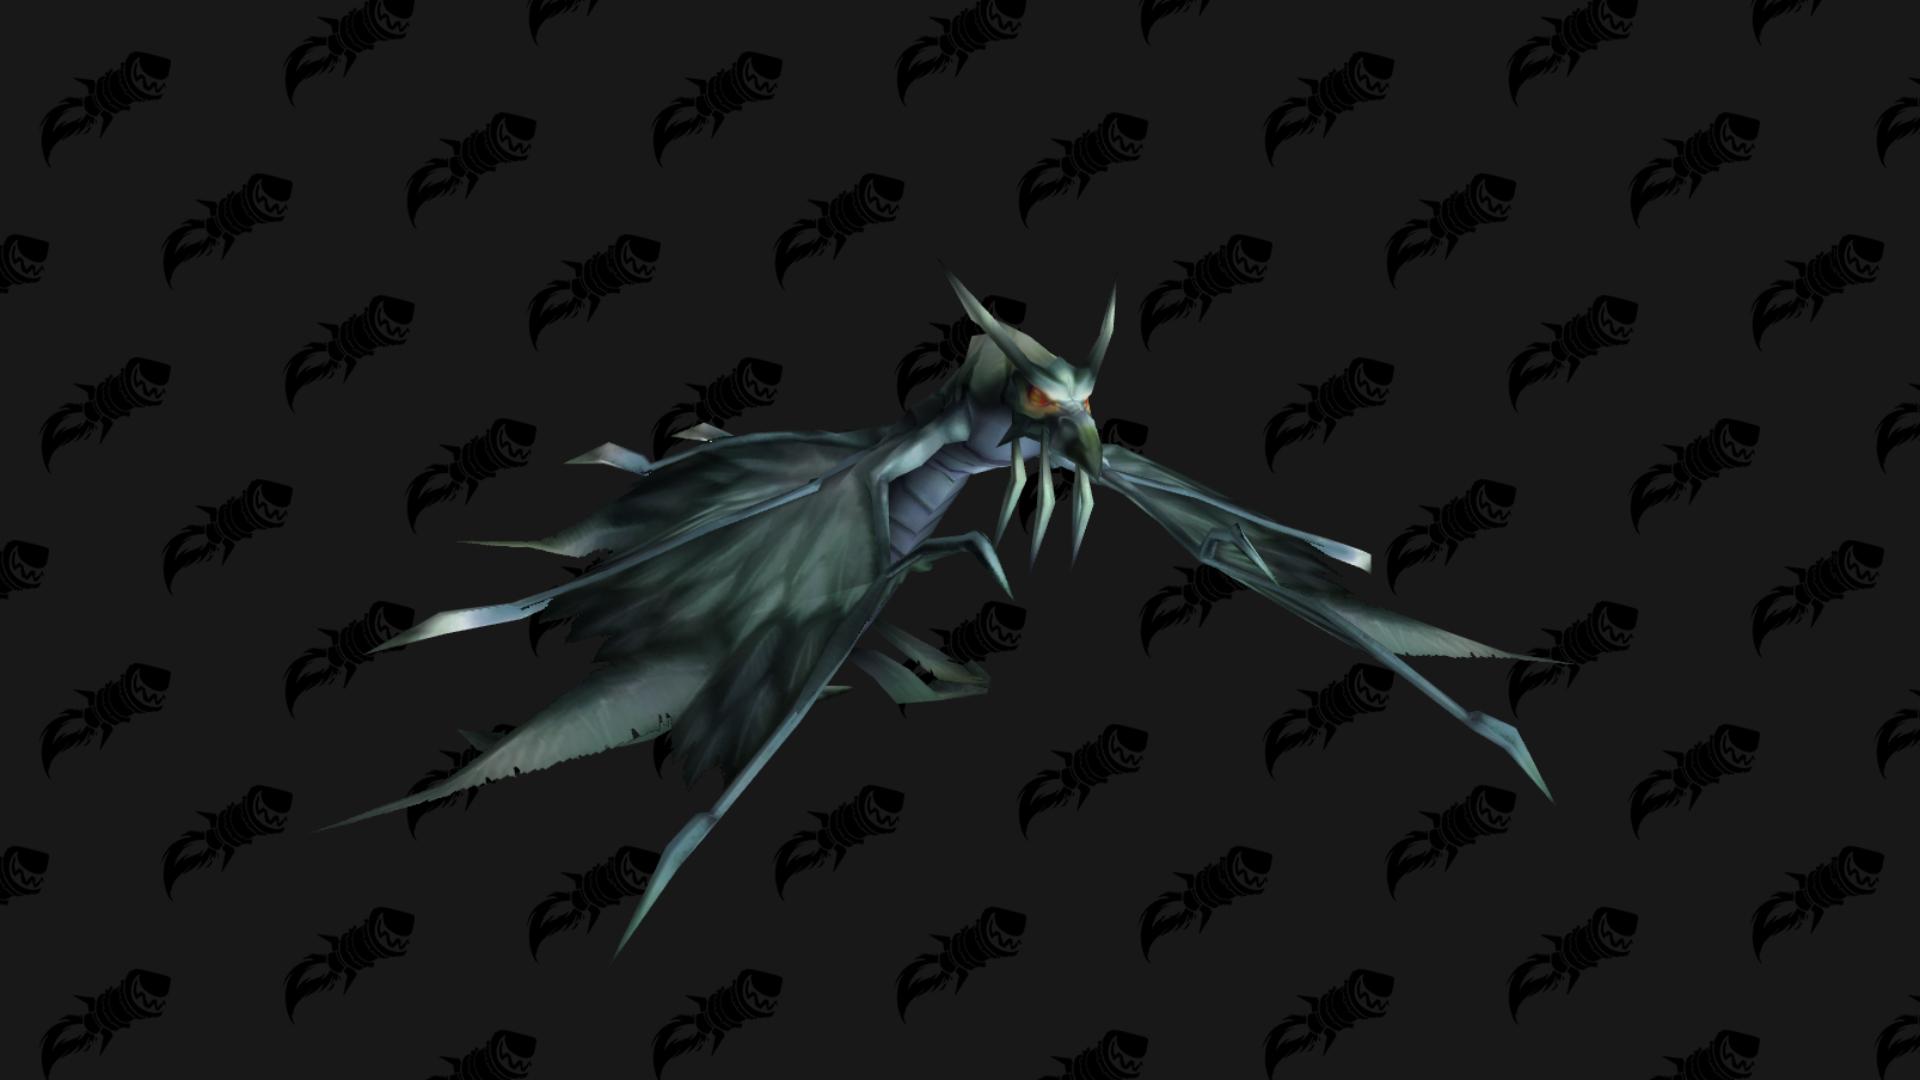 La monture Illidari Doomhawk figure dans les fichiers du patch 9.1 pour le 17ème anniversaire de WoW